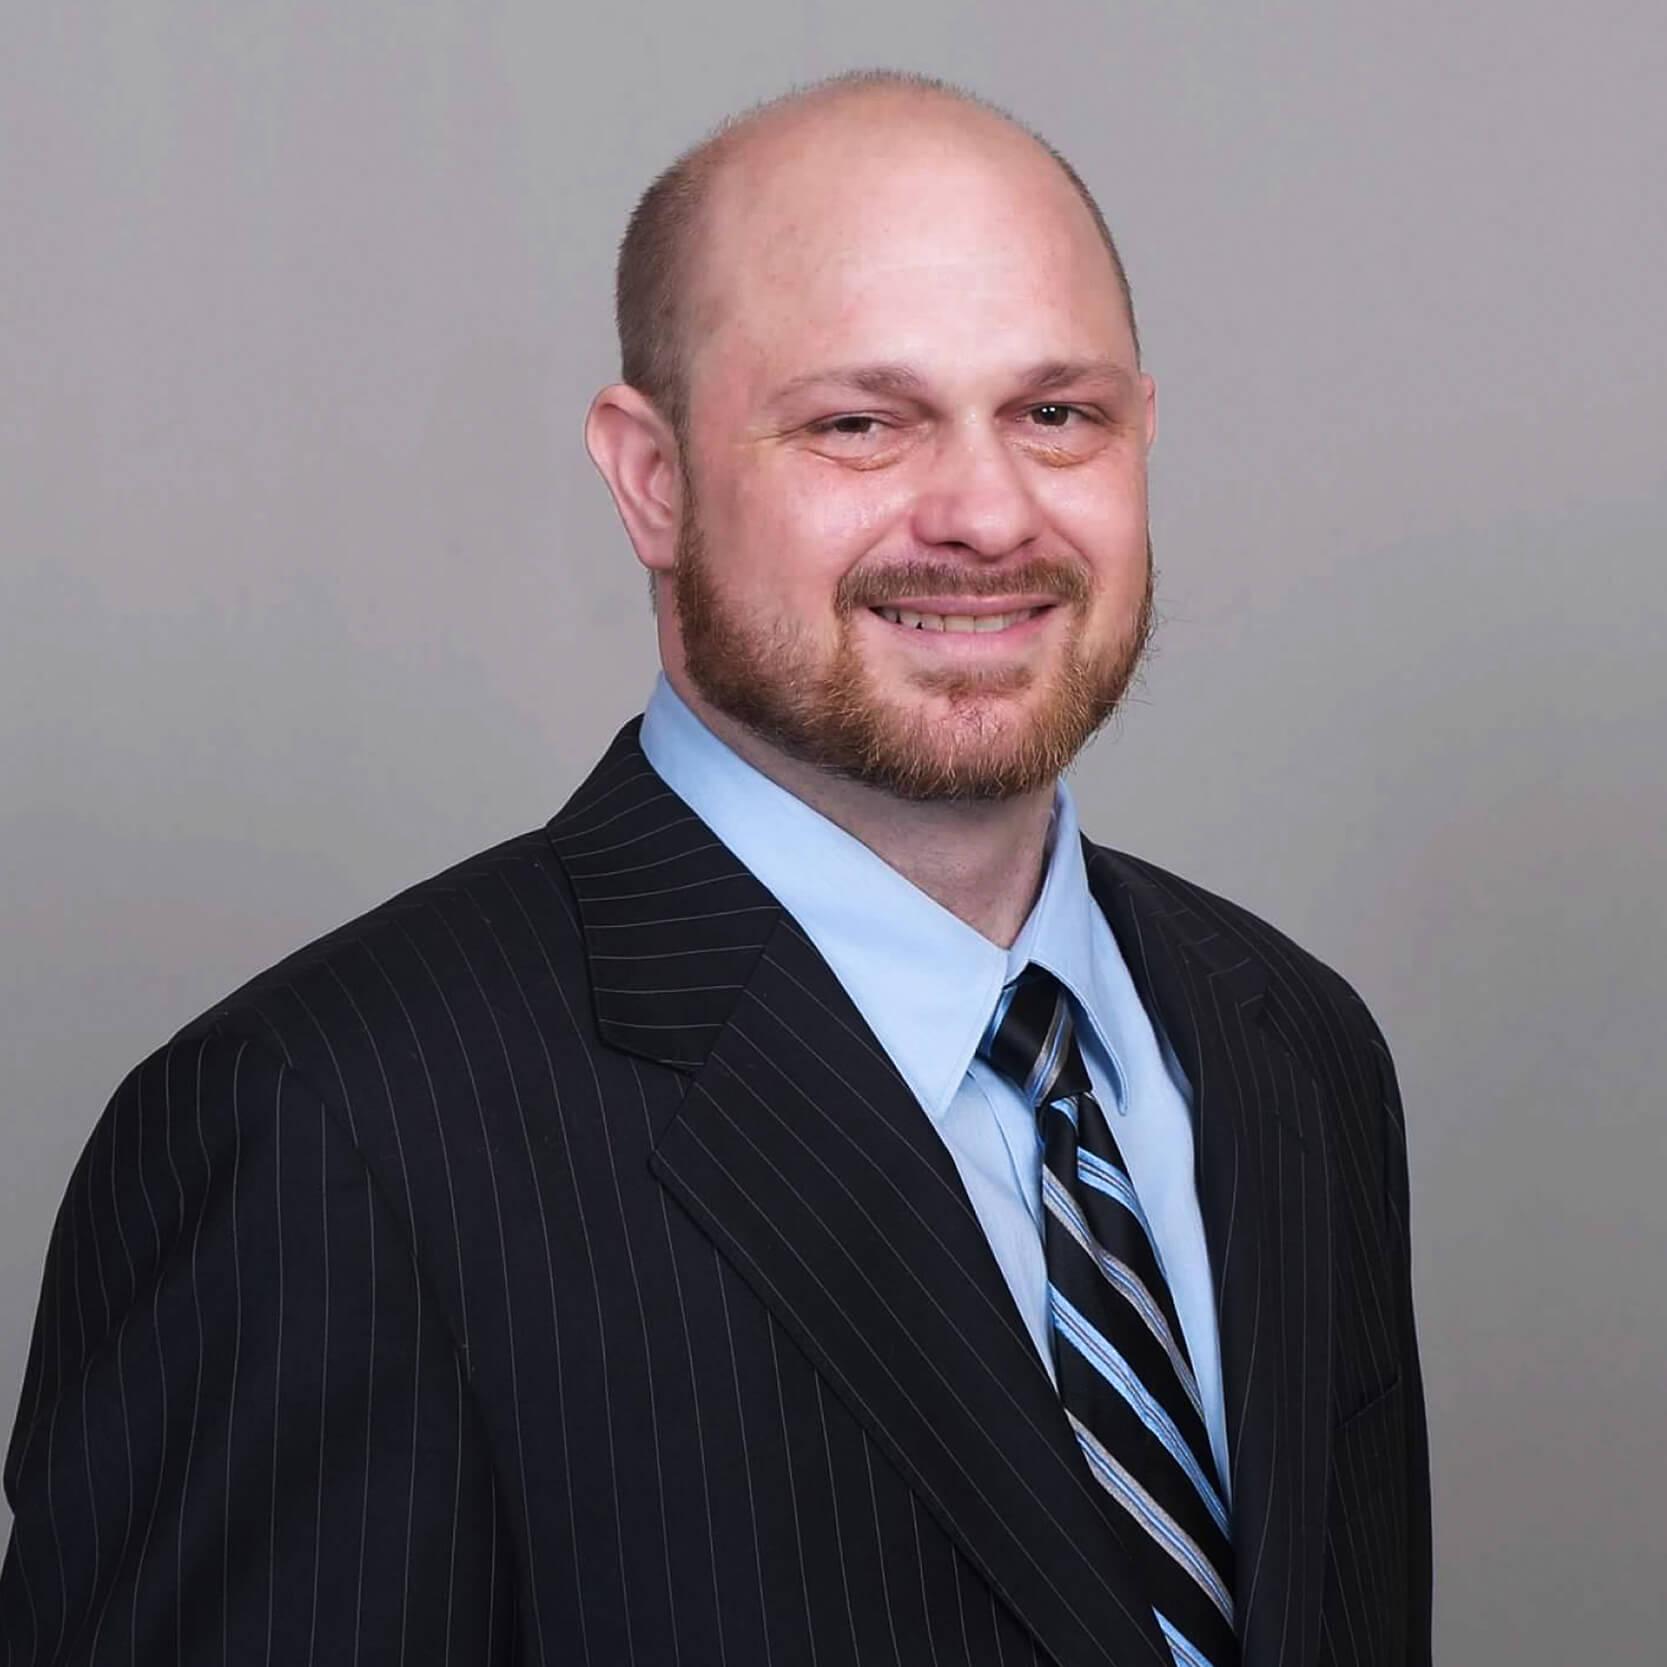 robert dillard headshot - special needs financial planner